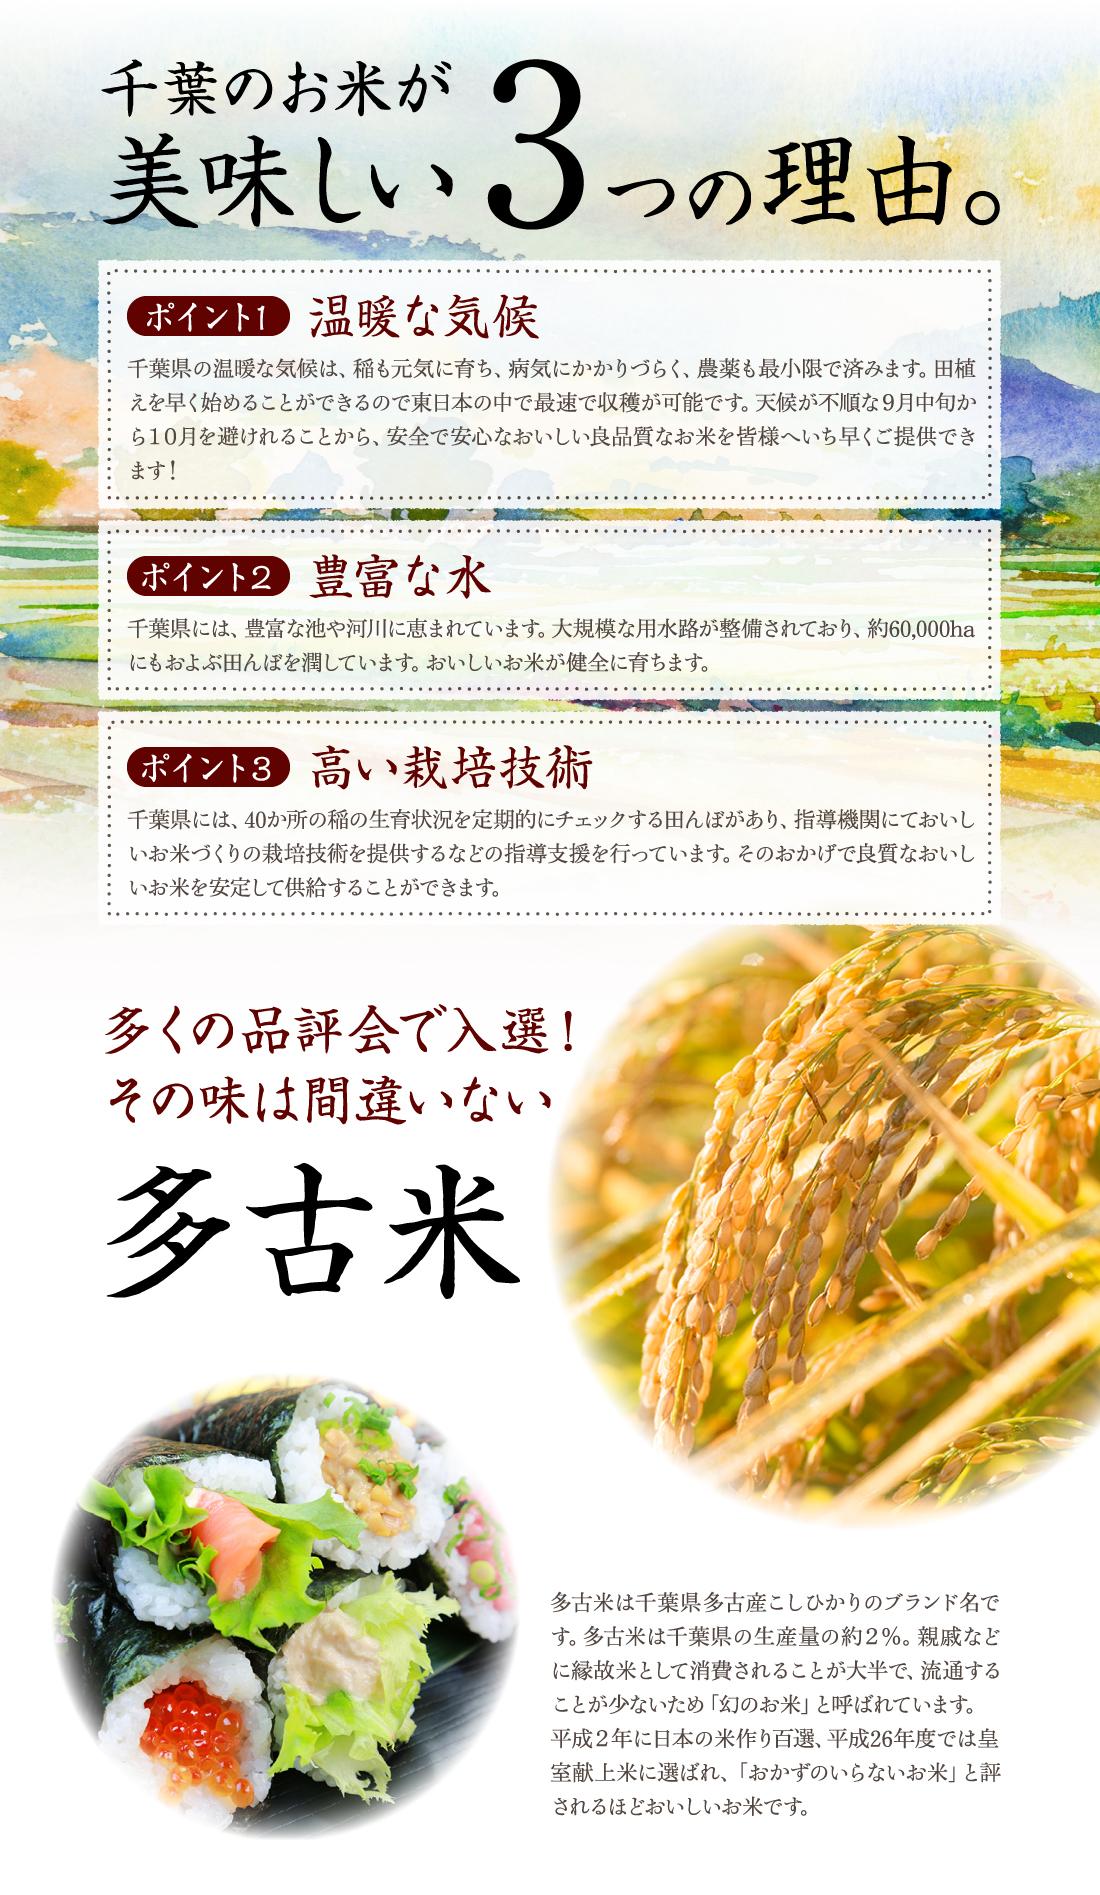 千葉のお米が美味しい3つの理由